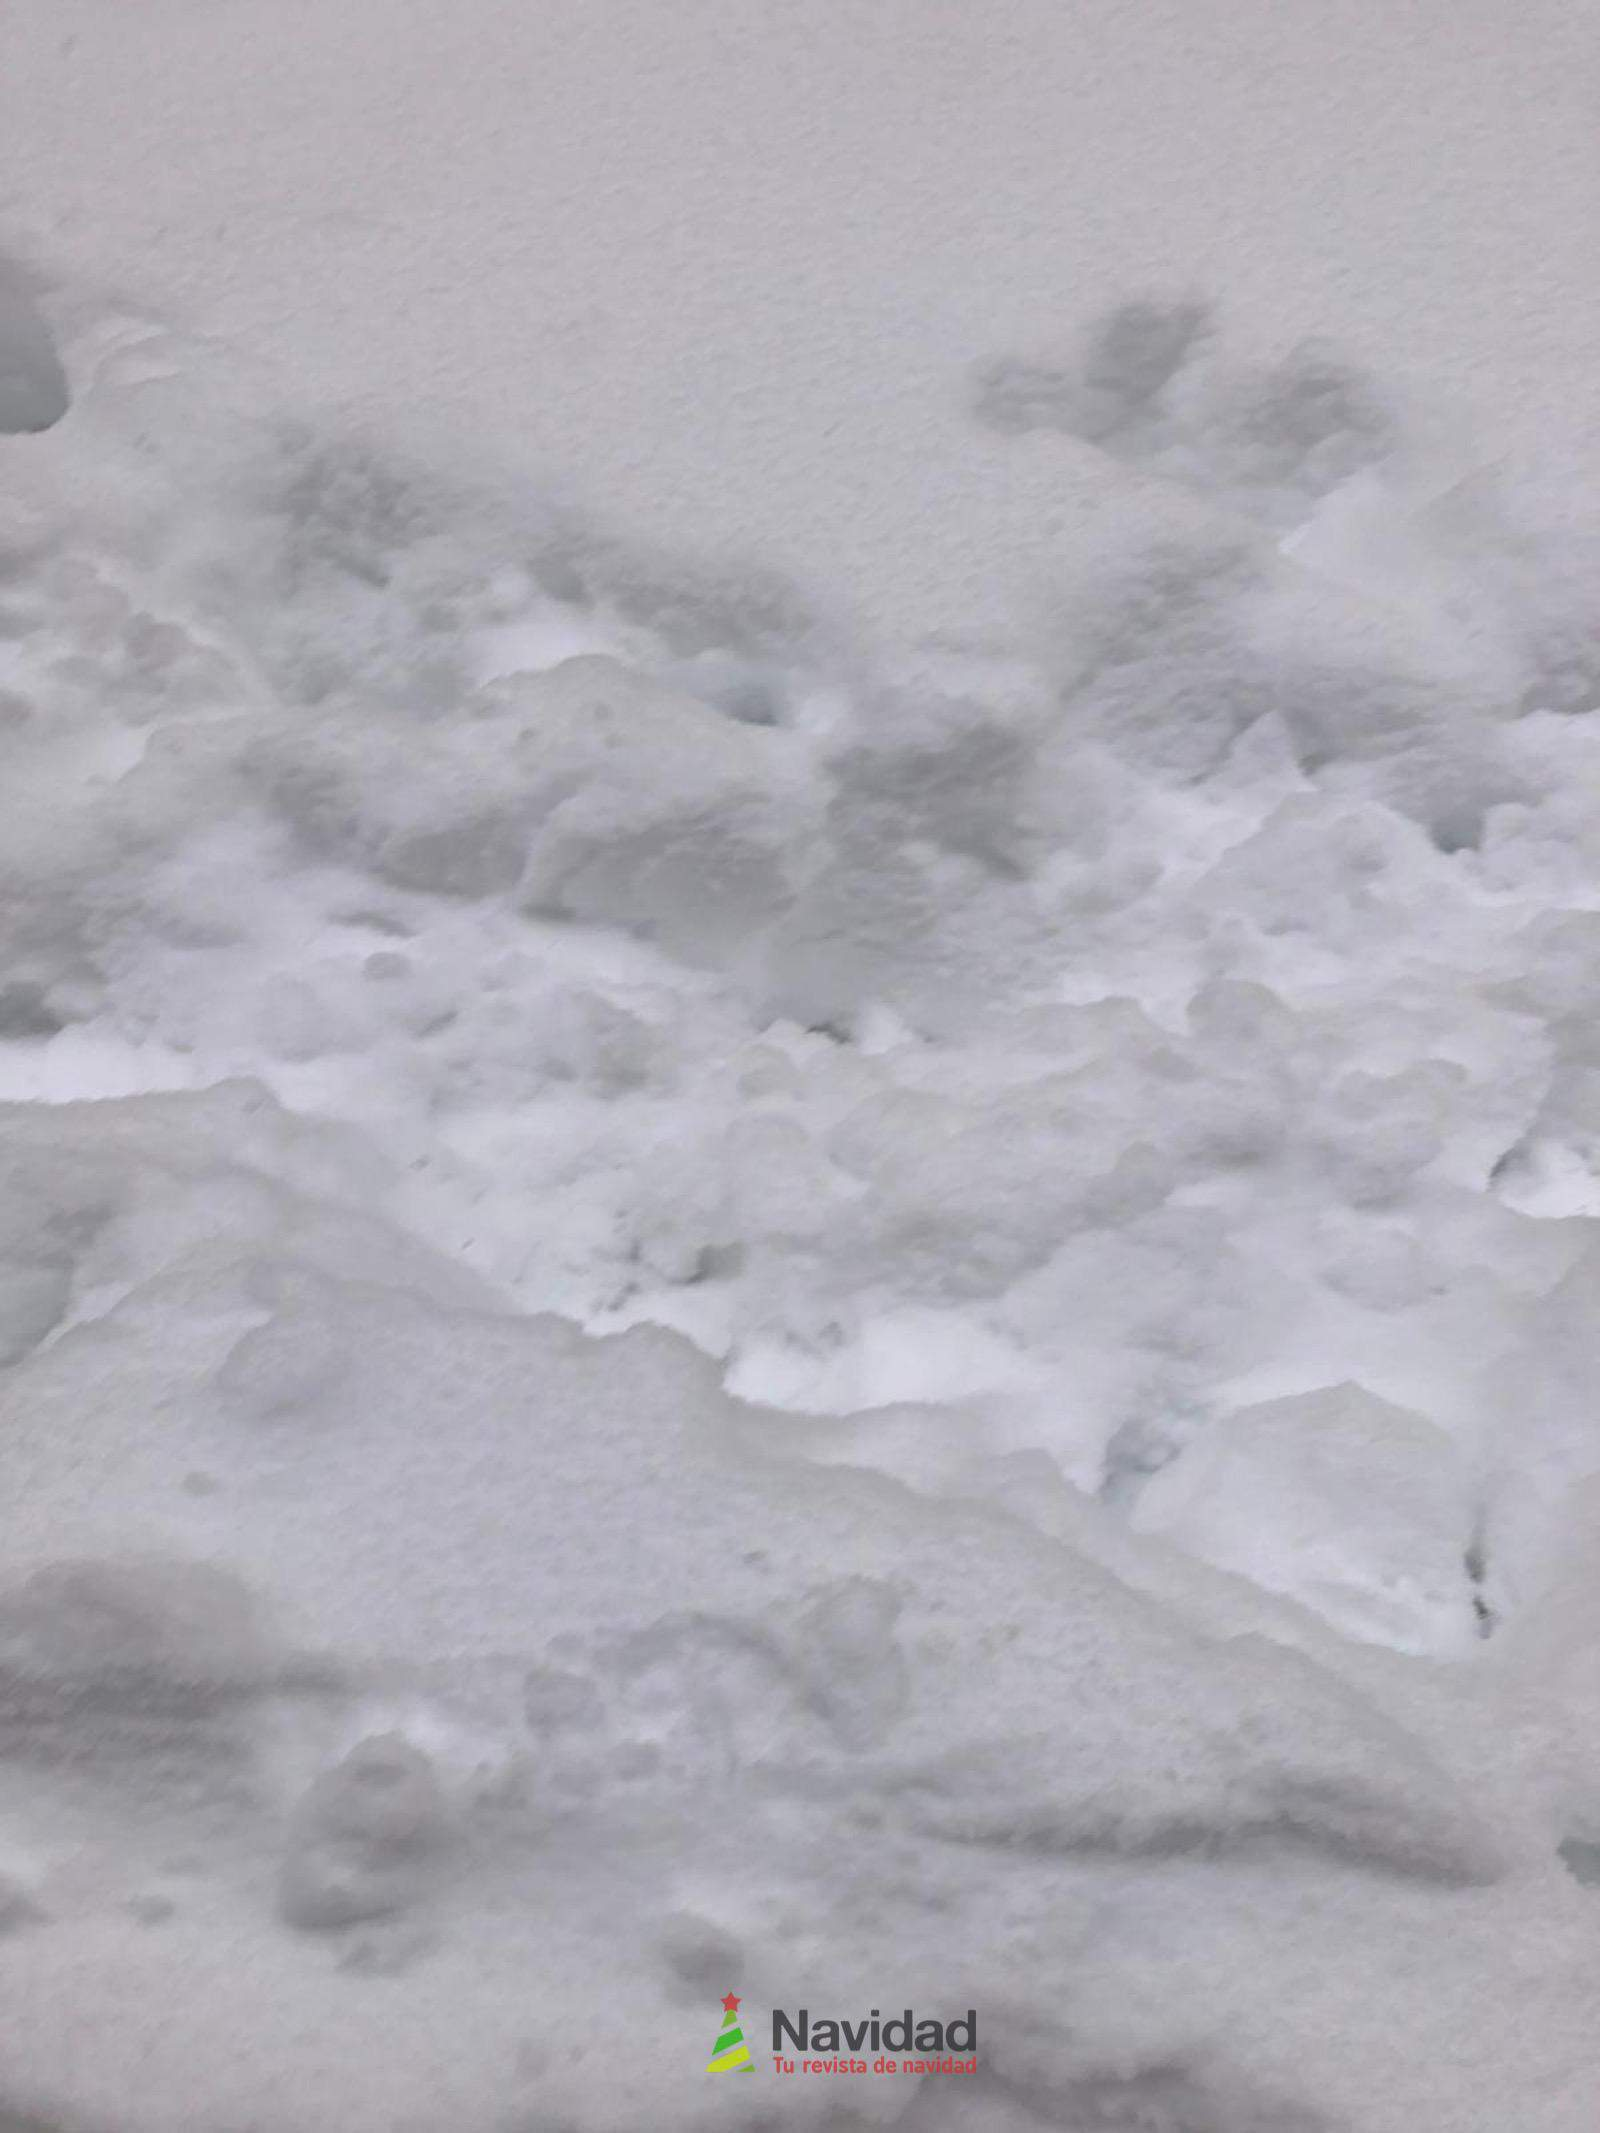 Fotografías de la nevada de enero en Madrid (España) 174